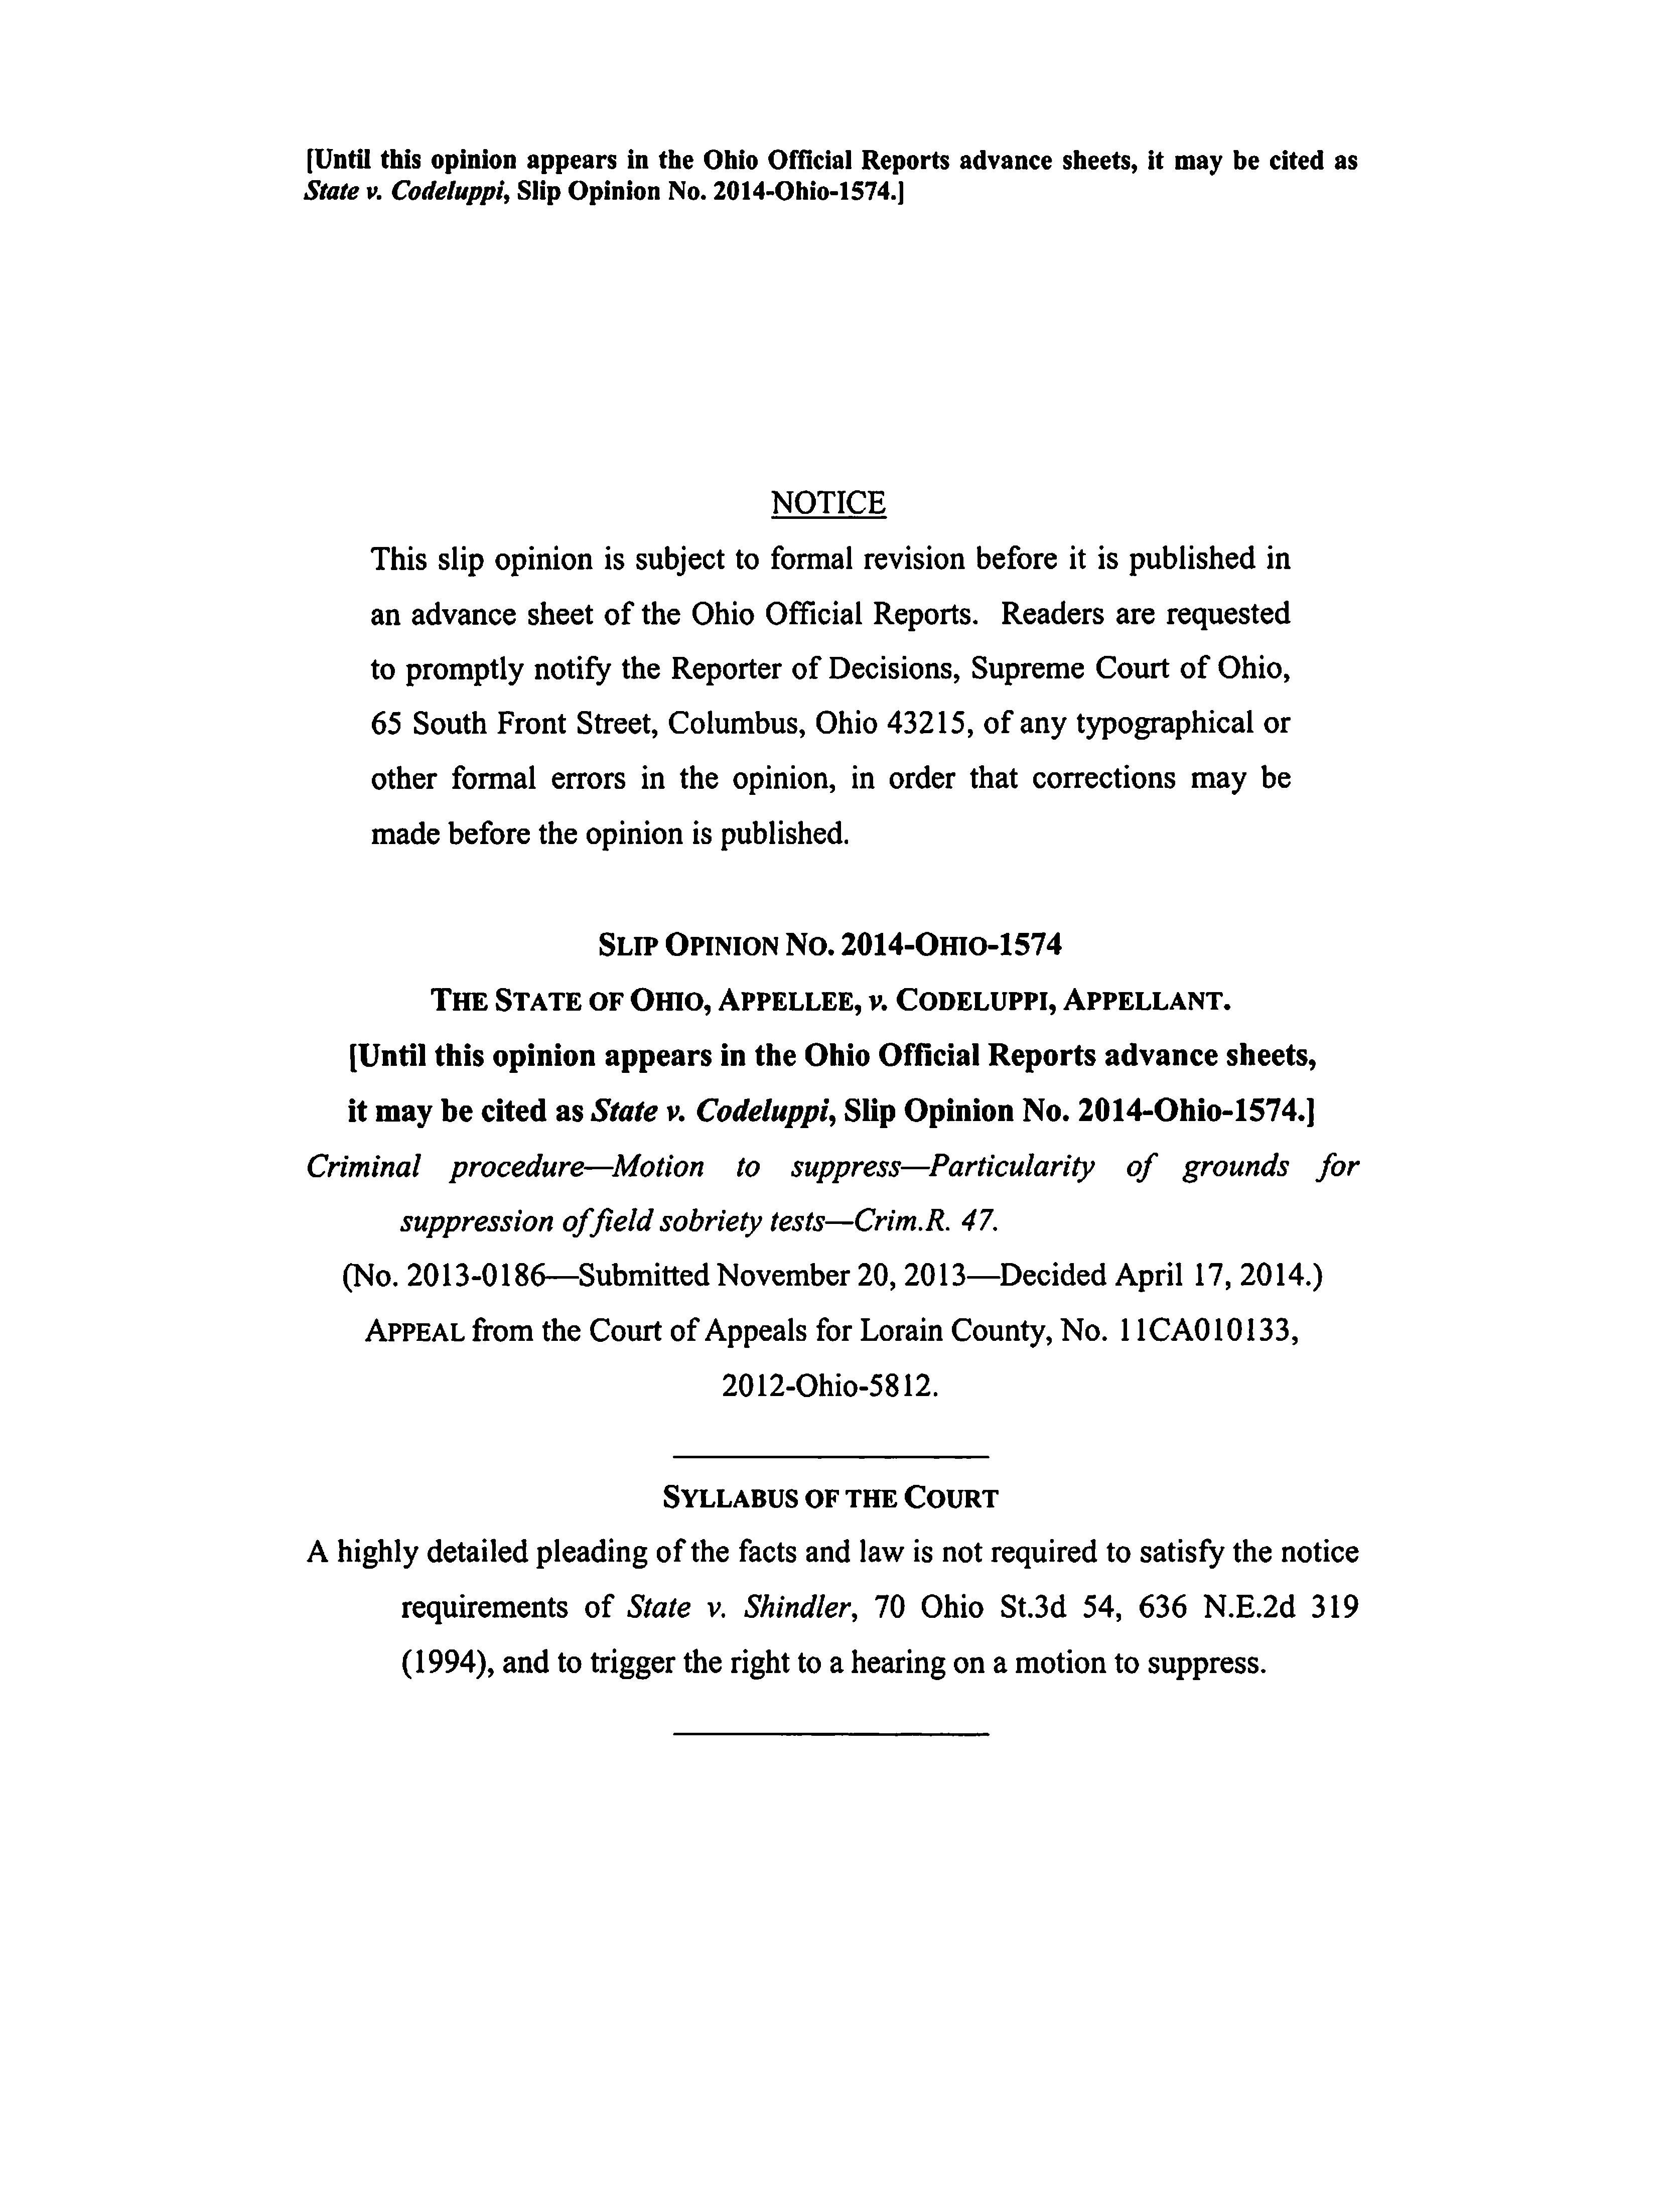 State v Codeluppi page one.jpg